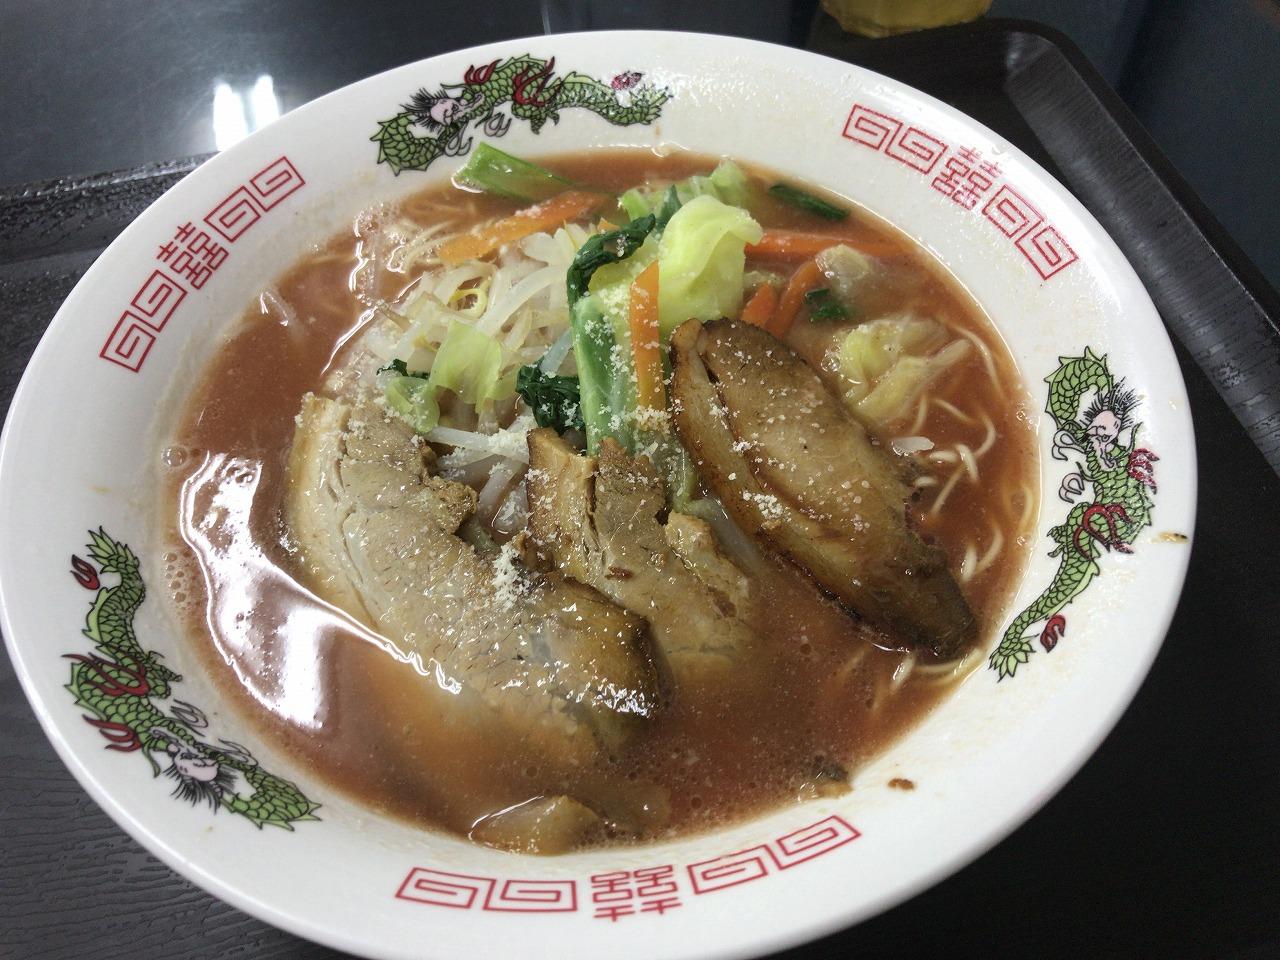 ○○商店(柳丸店)野菜トマトラーメン